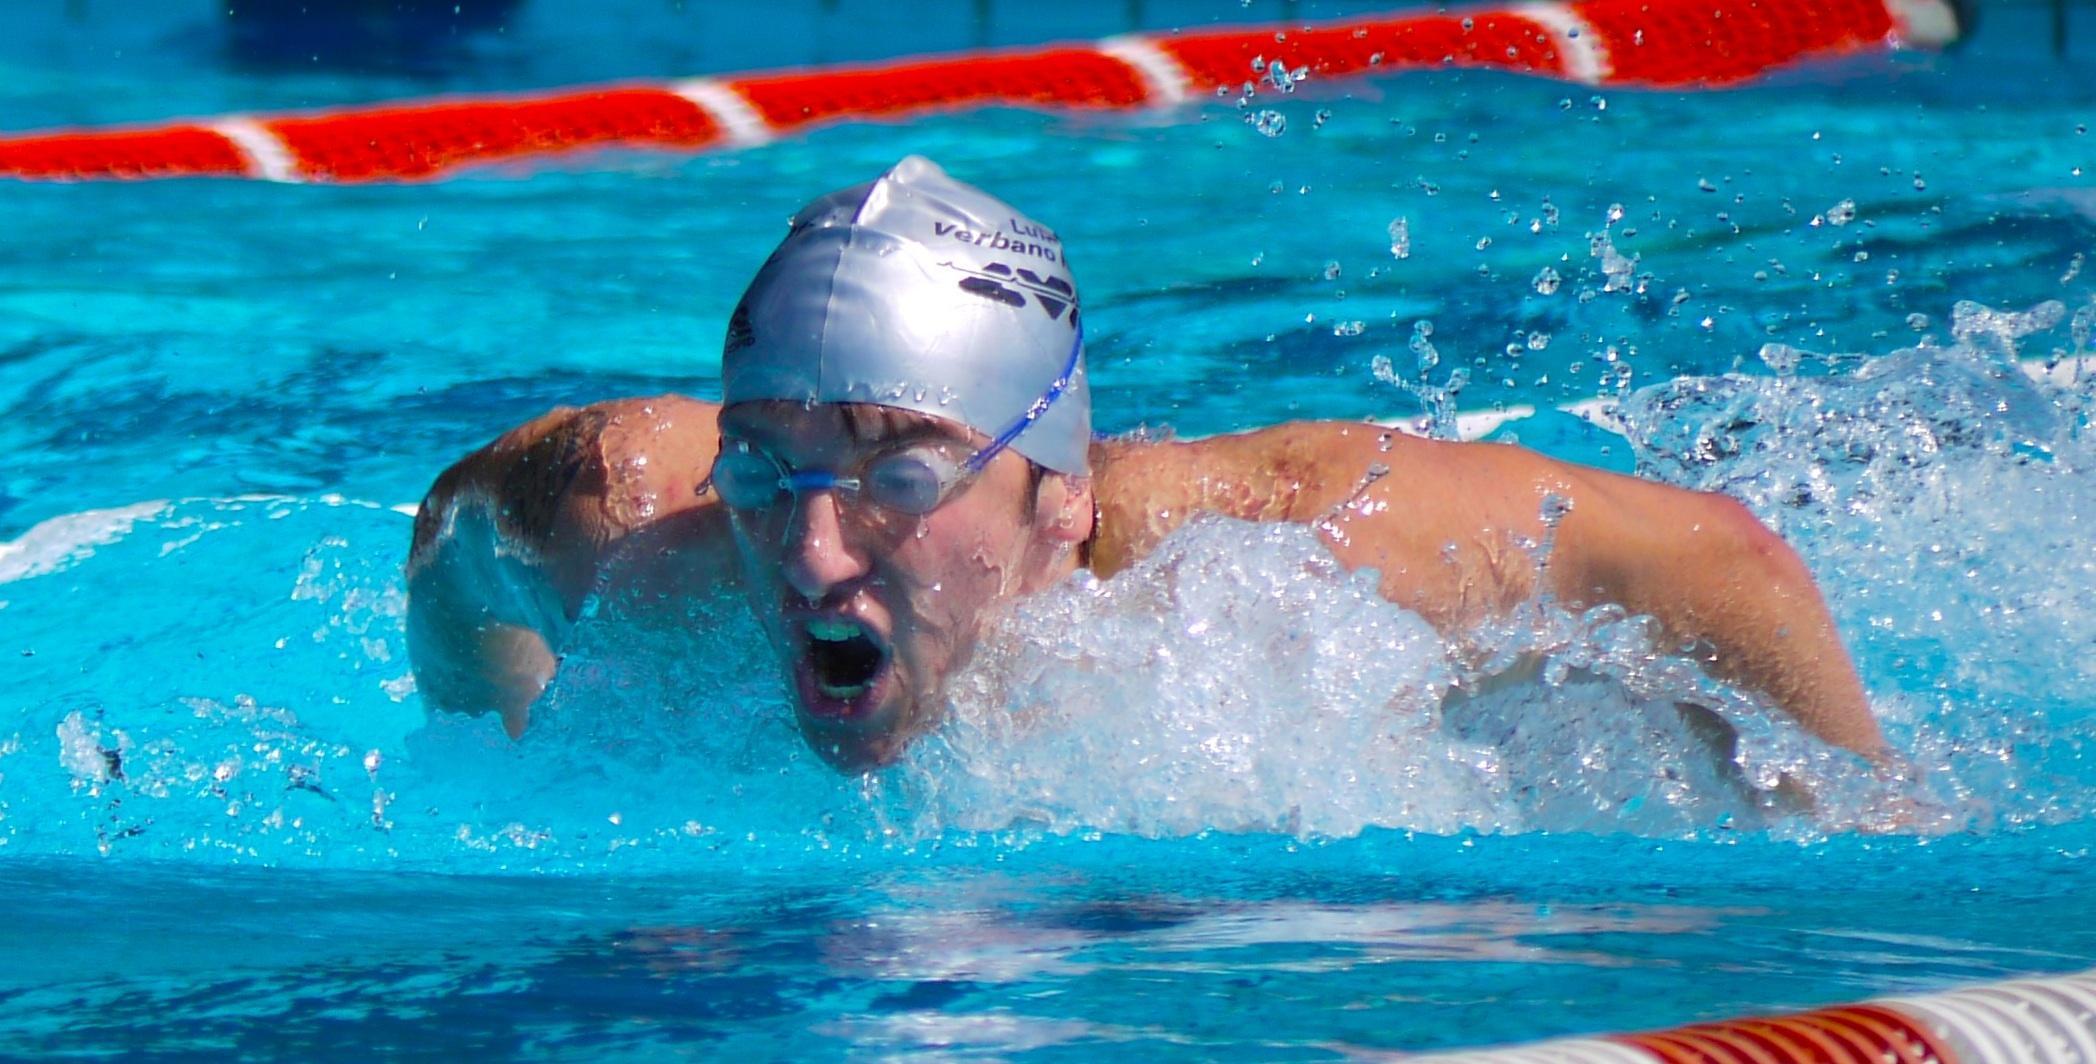 Finp calabria inizia il corso per istruttore di nuoto for Piscina olimpia a sesto san giovanni